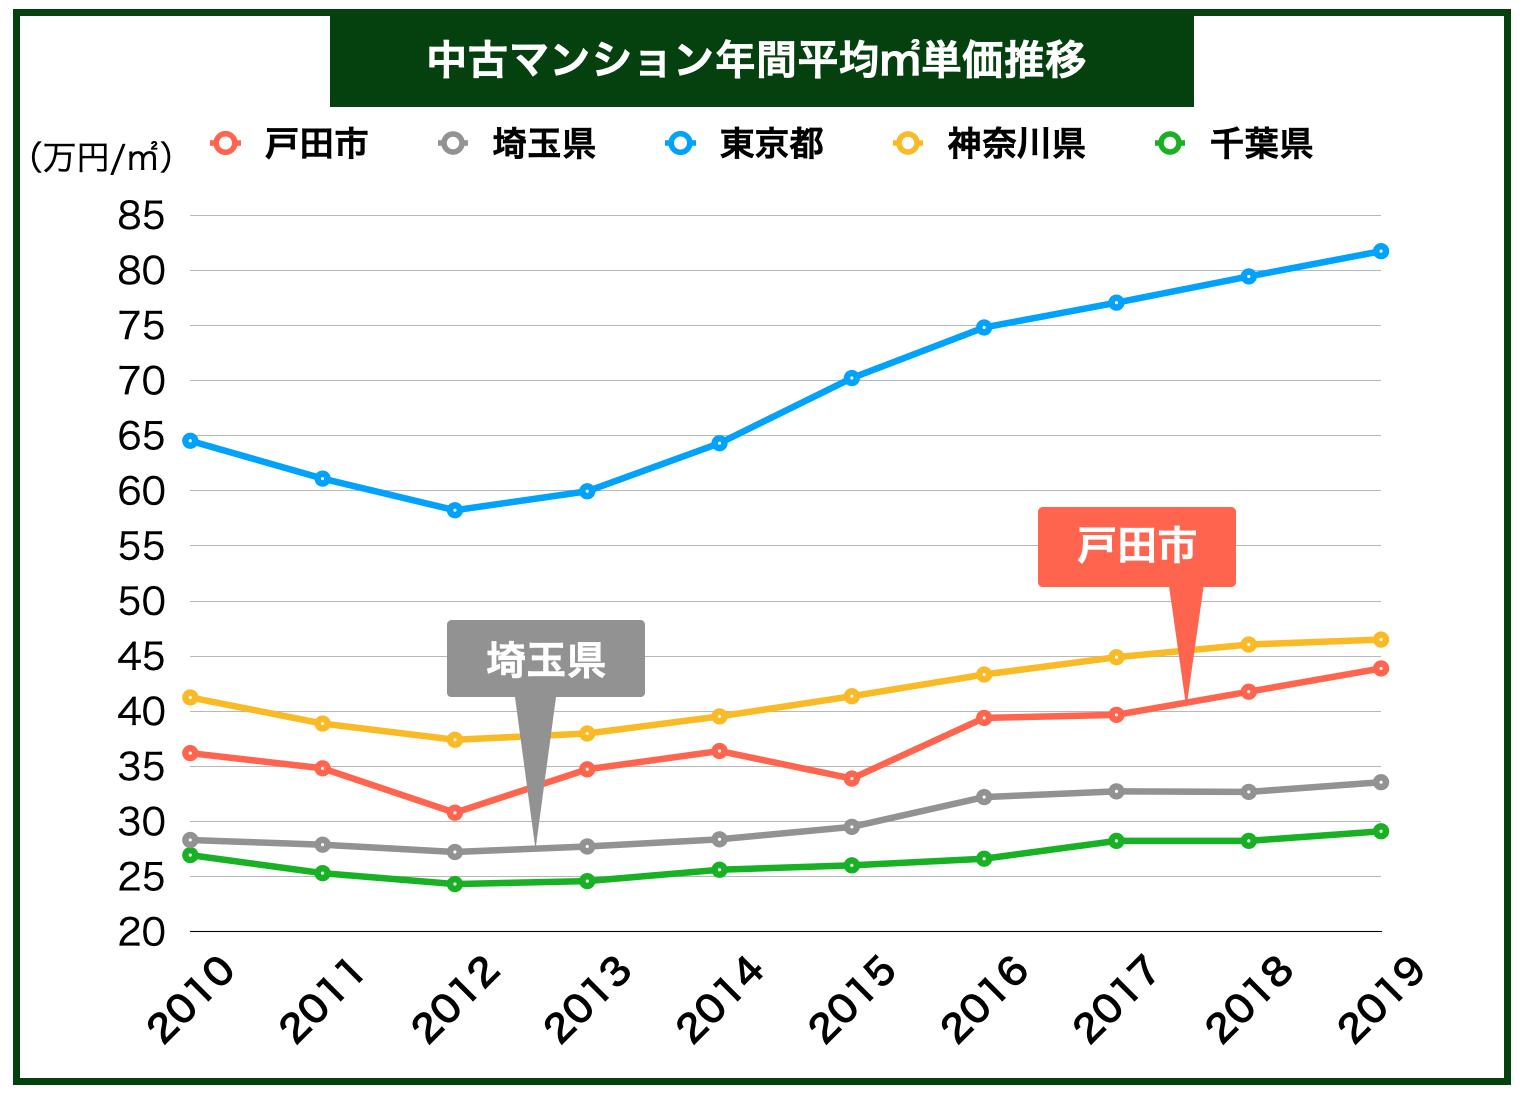 戸田市「中古マンション平均㎡単価推移」